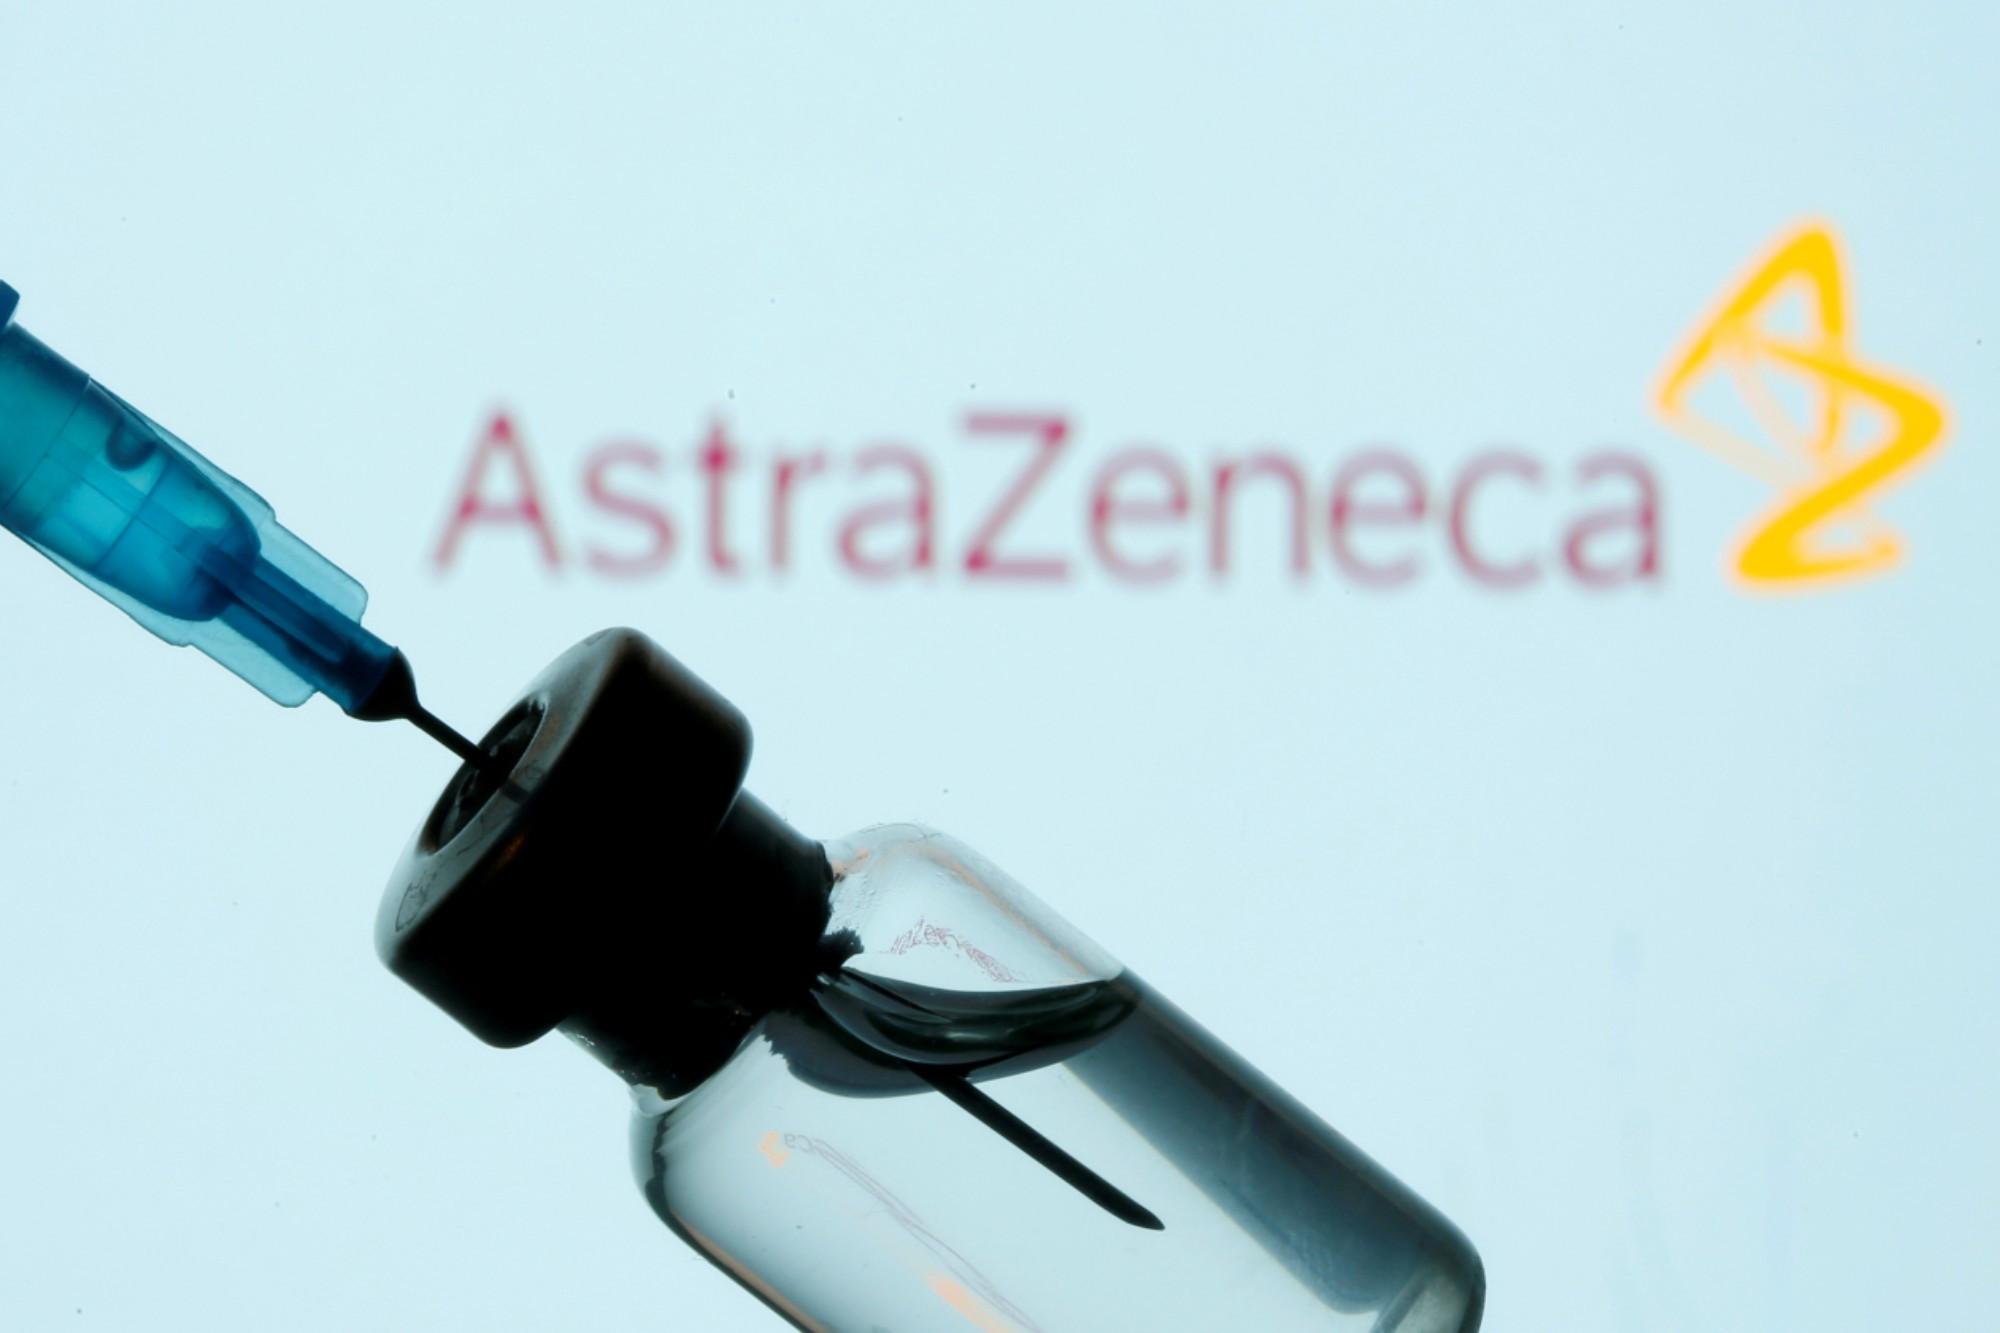 El Gobierno anunció que llegarán cuatro millones de dosis de Astrazeneca durante este mes